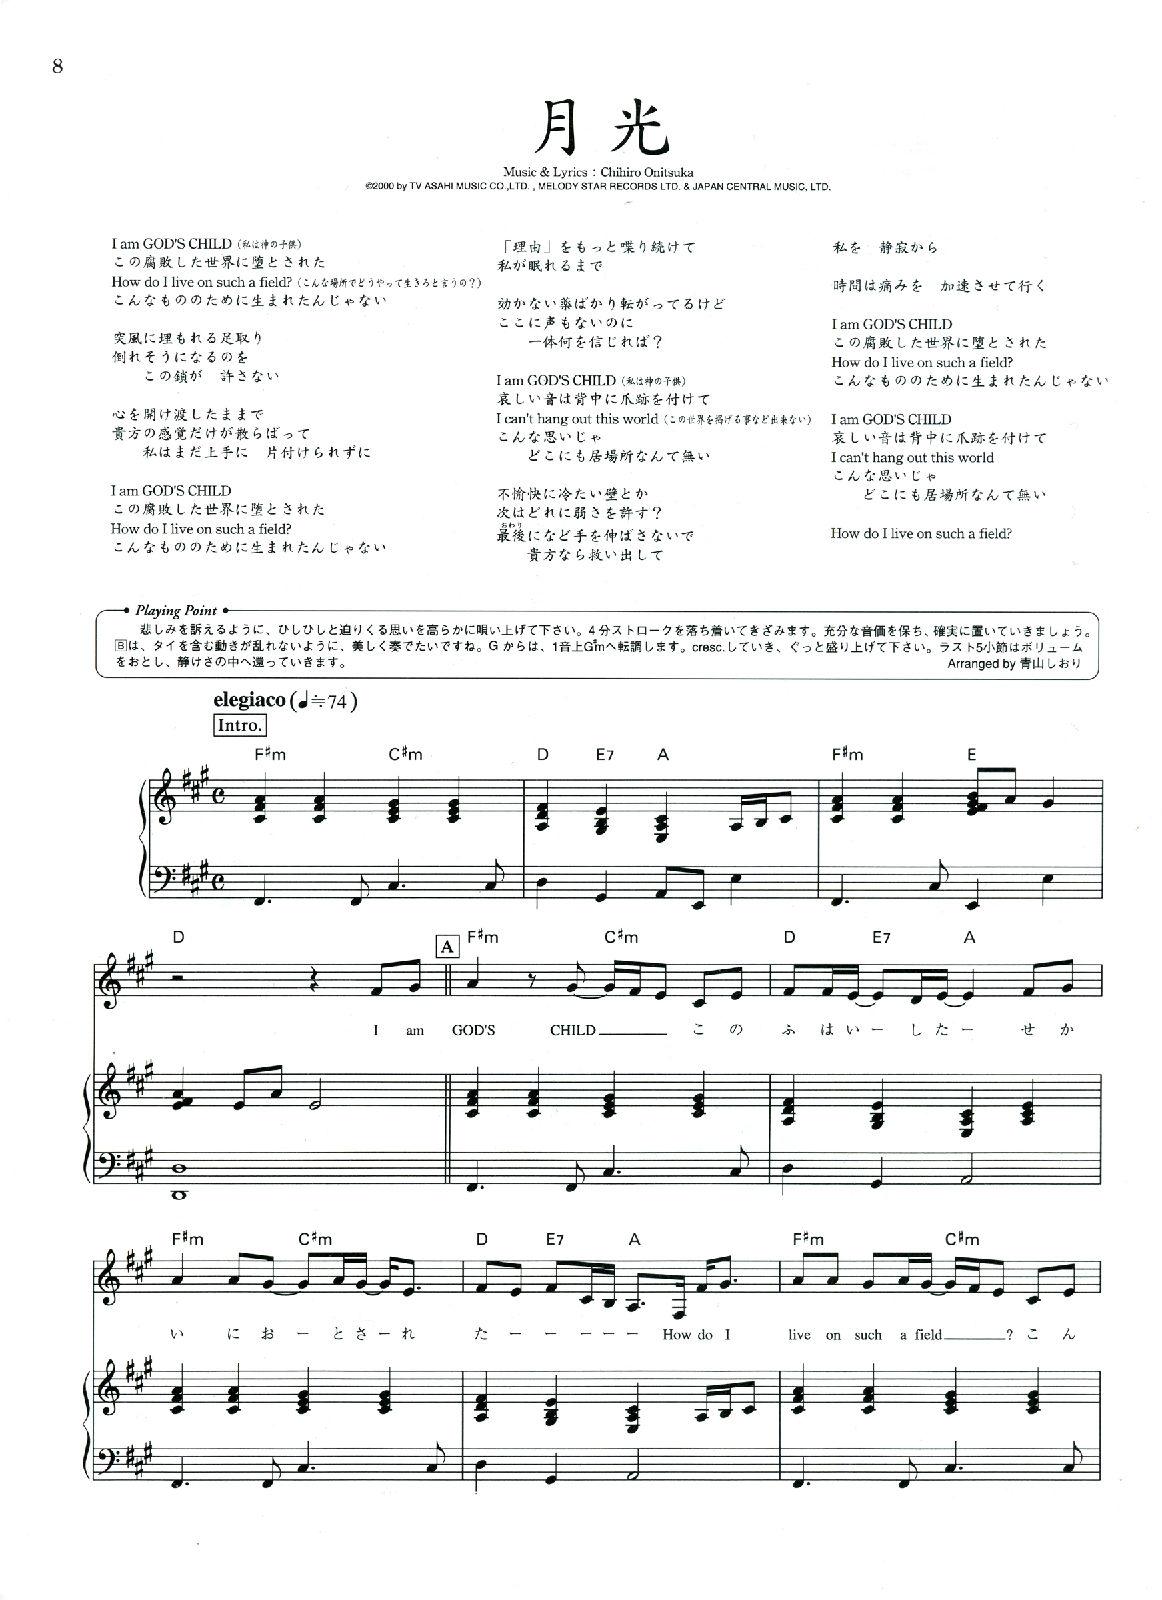 鬼束千寻 月光 钢琴谱736999105@qq.com谢谢